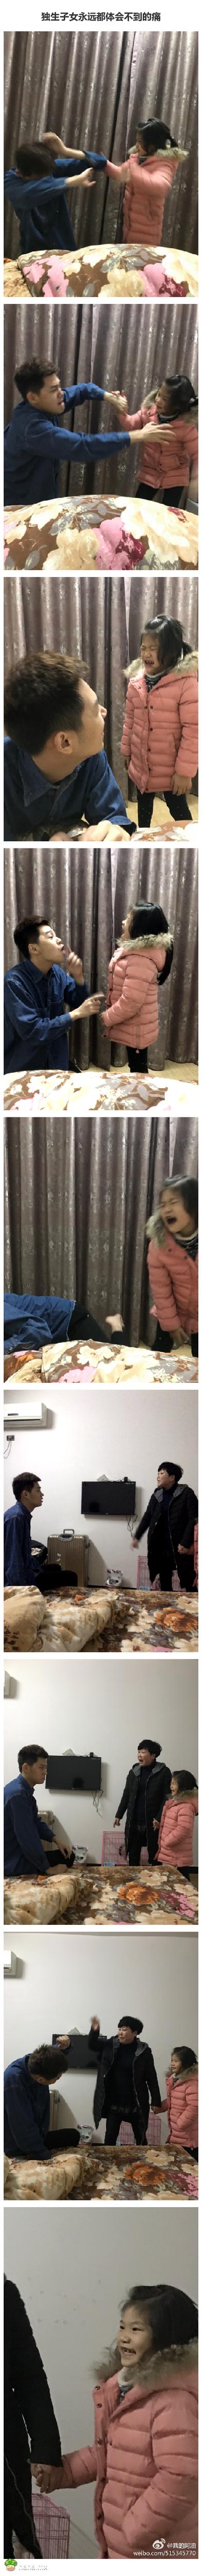 2017贺岁大片 即将上映!